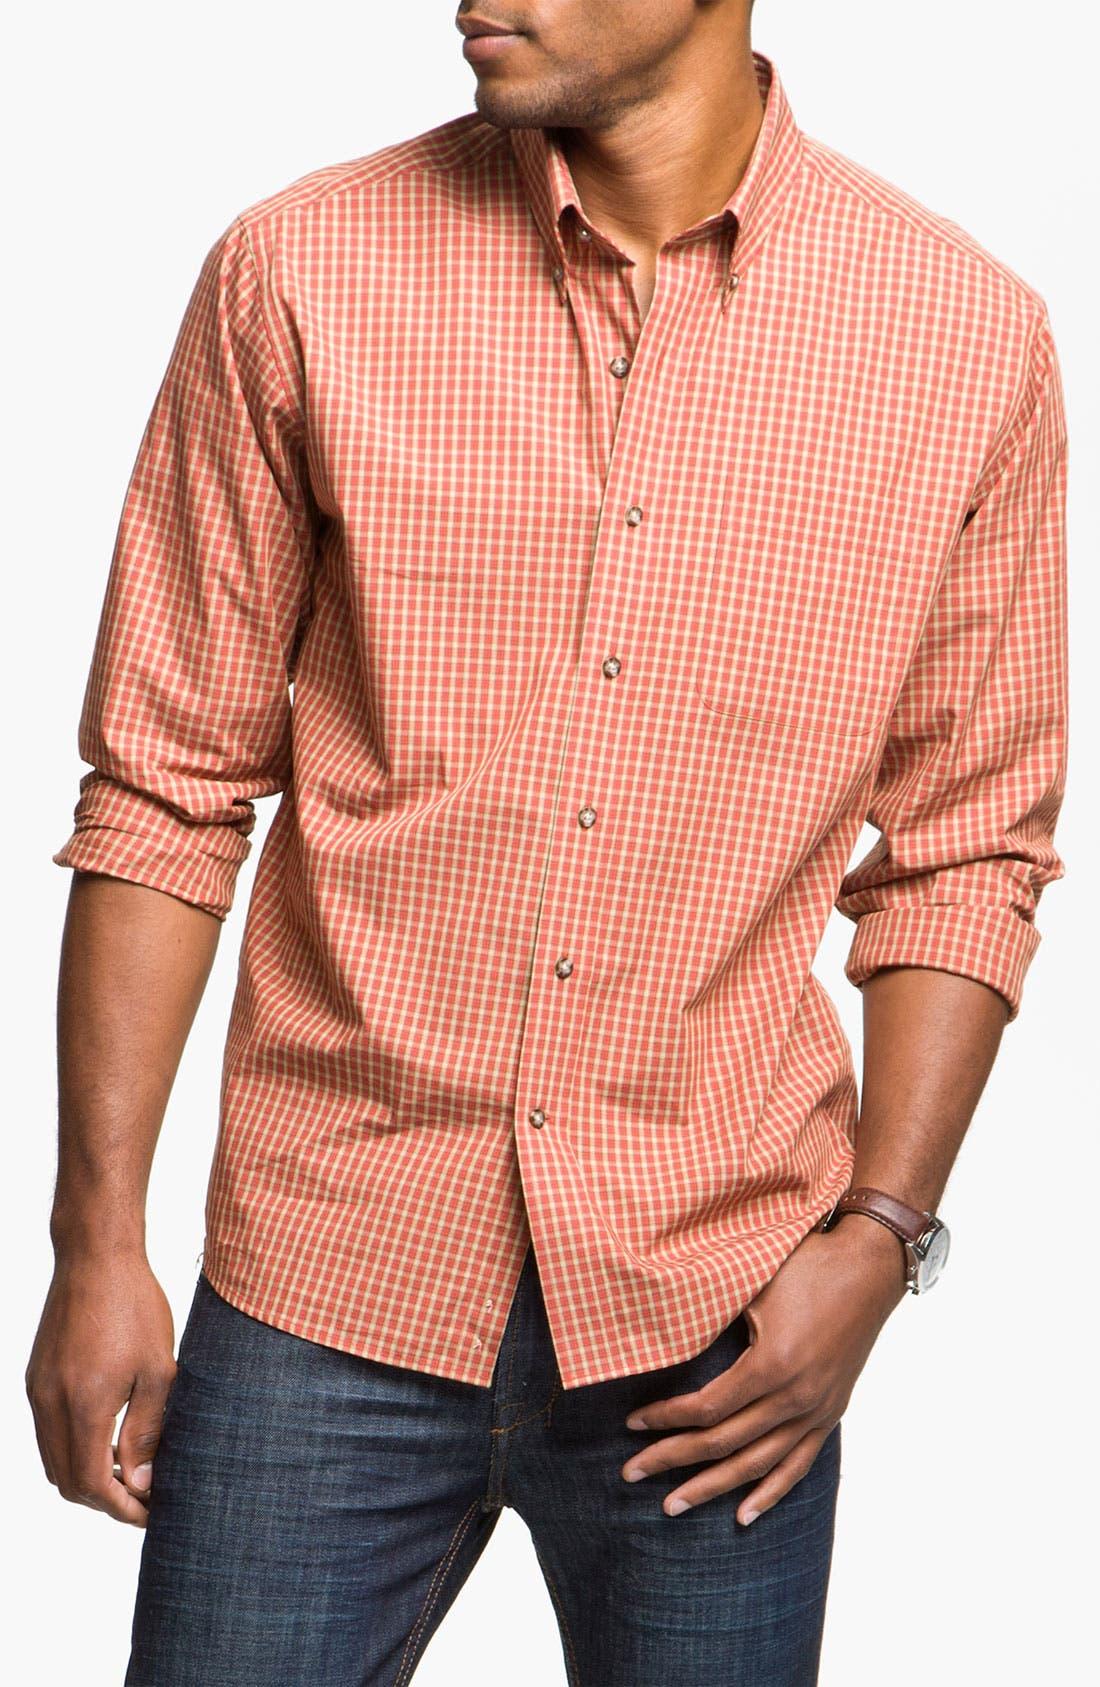 Main Image - Cutter & Buck 'Spruce' Check Sport Shirt (Big & Tall)